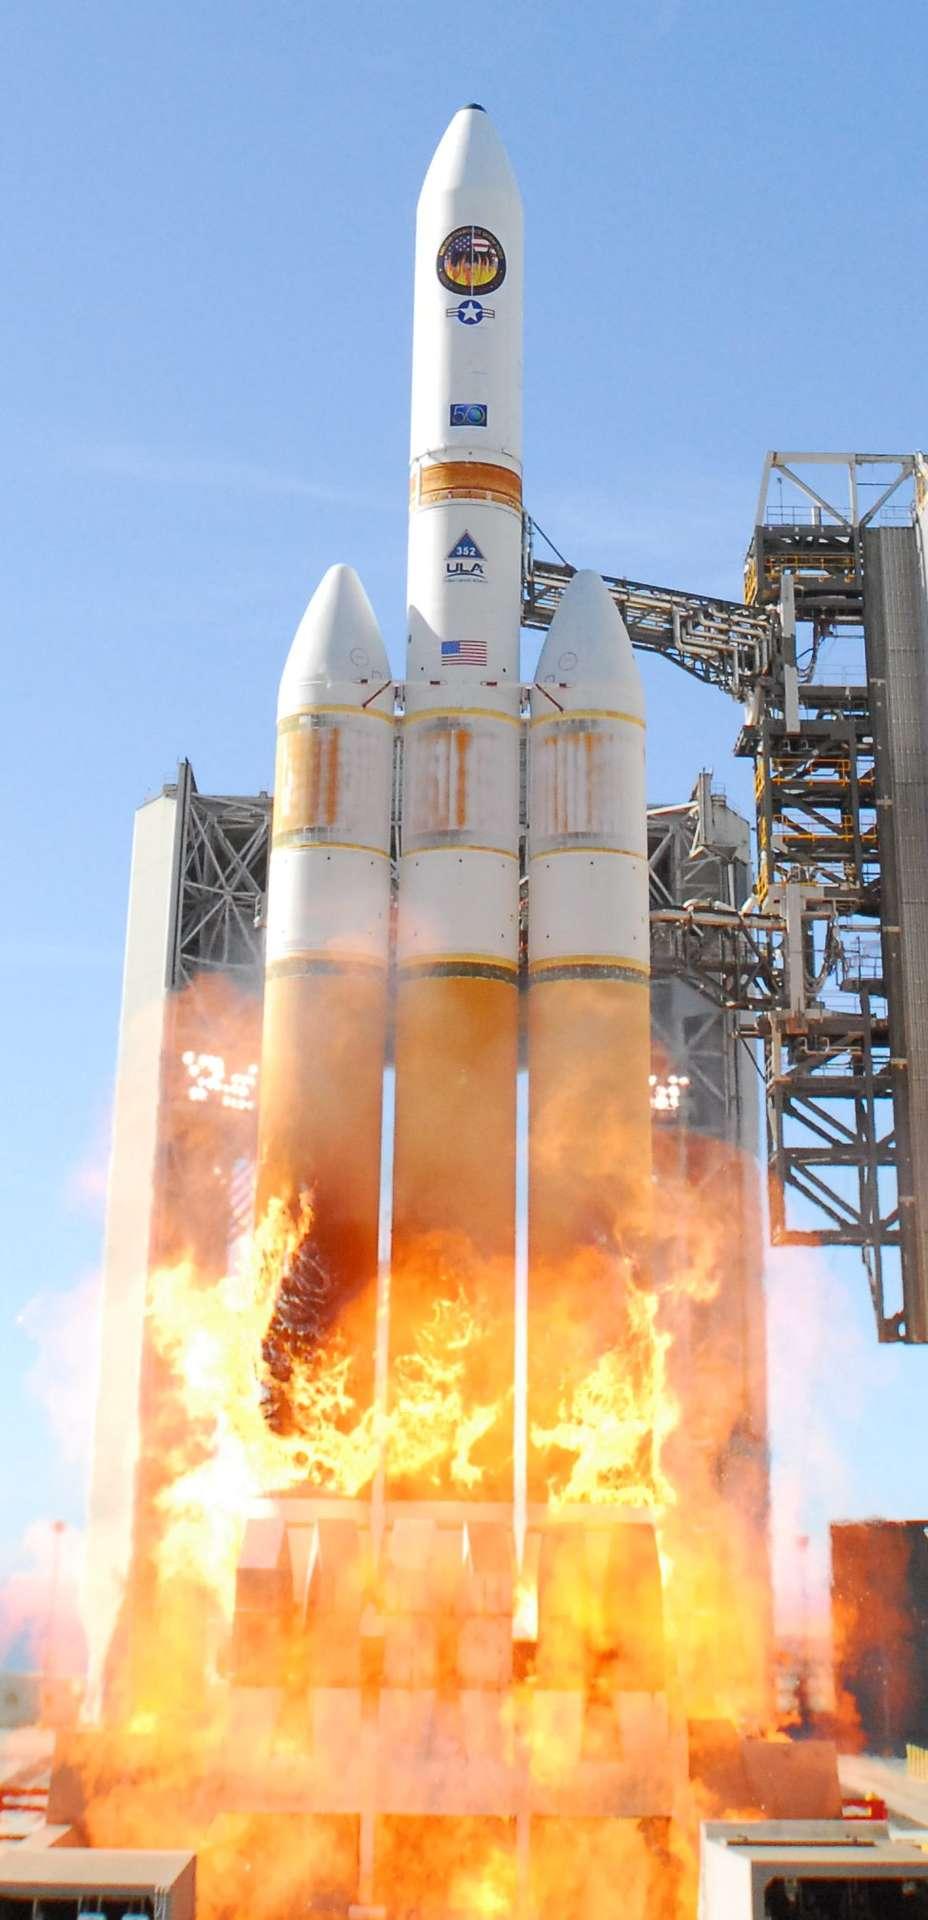 Lancement de Delta IV Heavy avec à son bord USA-224, satellite de reconnaissance américain, le 20 janvier 2011. Crédits DR.